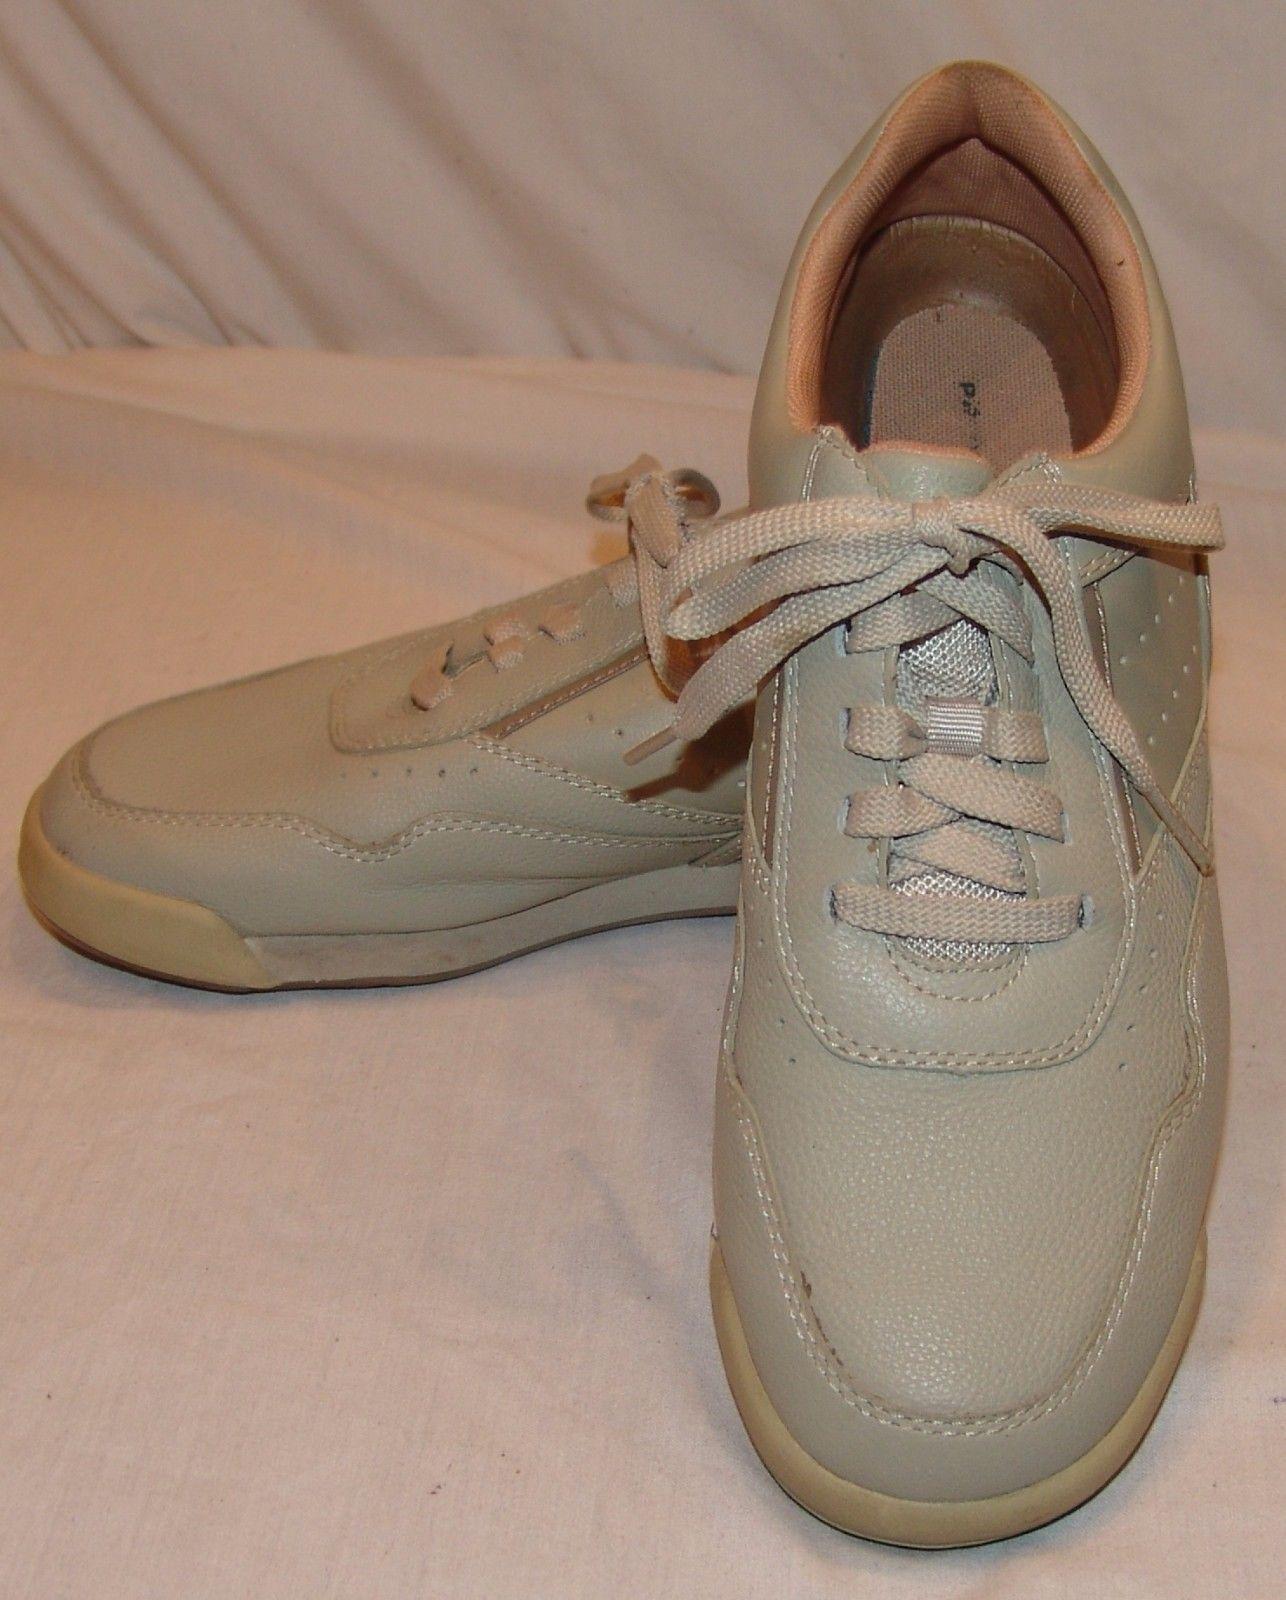 5b28b0a3fb1 Rockport Prowalker Zapatos de Marcha Hombre and 50 similar items. 57